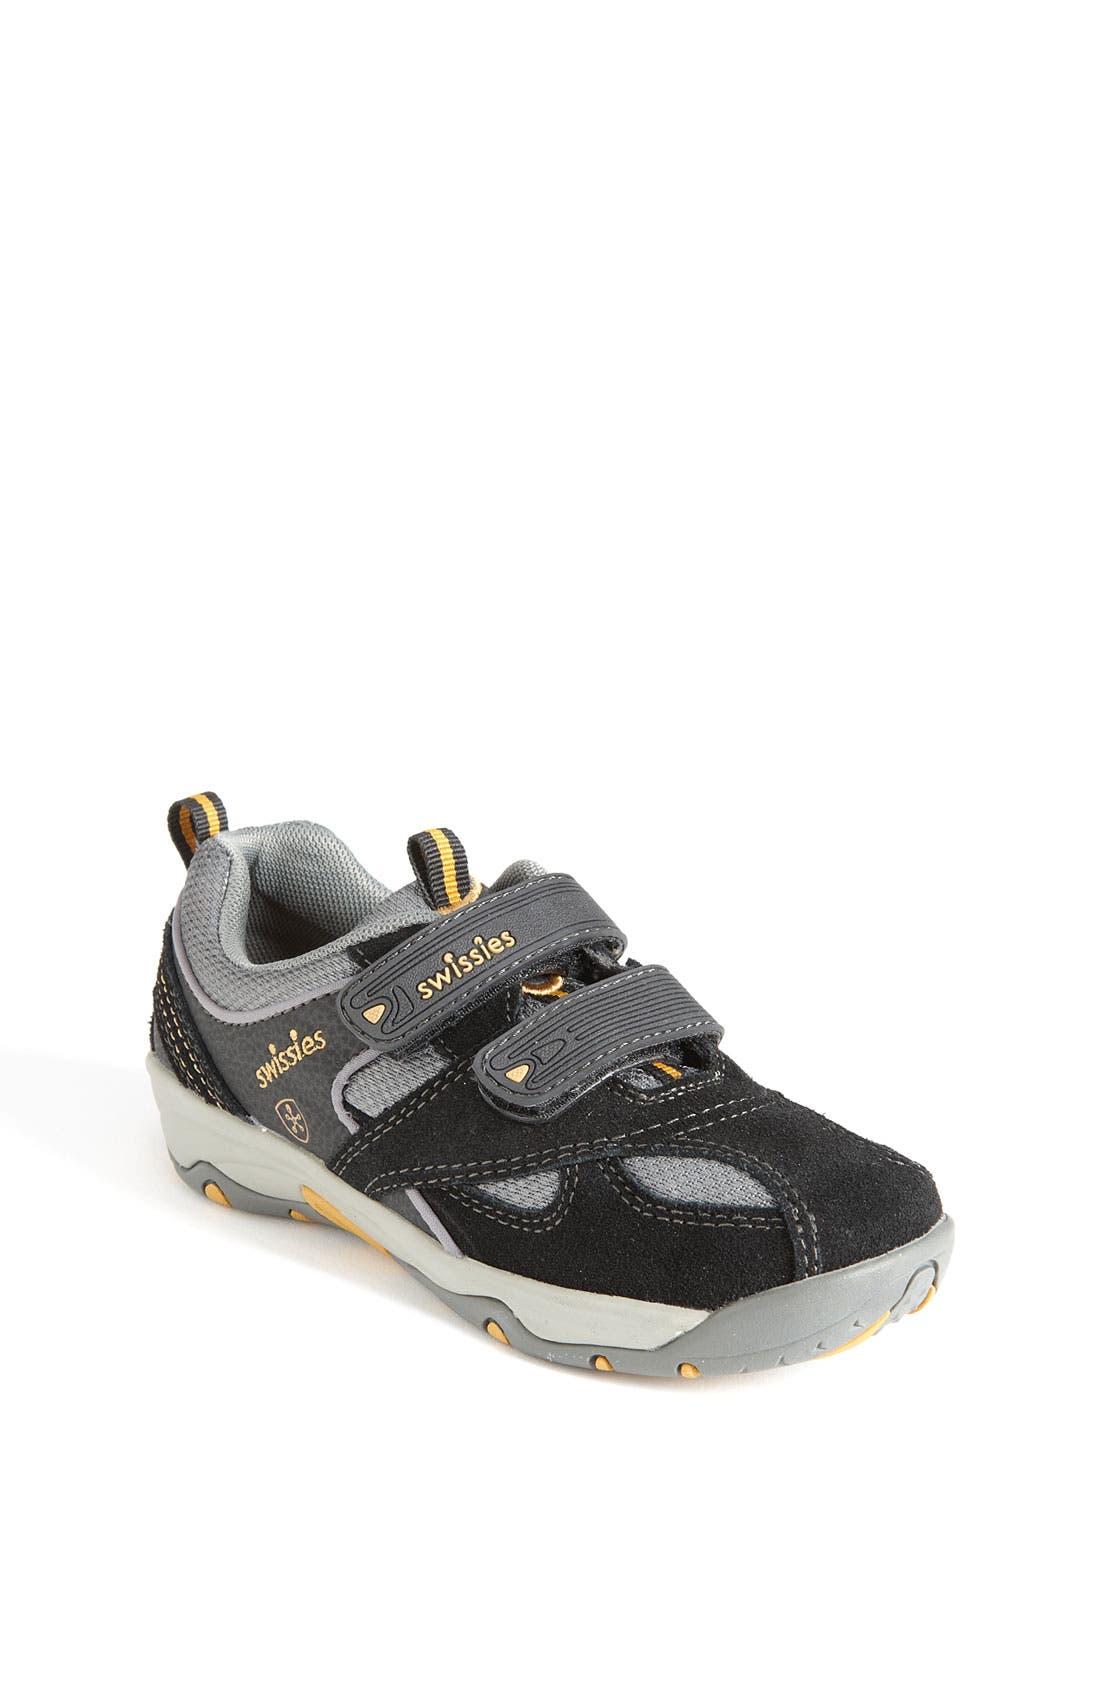 Alternate Image 1 Selected - Swissies 'Mark' Athletic Sneaker (Toddler, Little Kid & Big Kid)